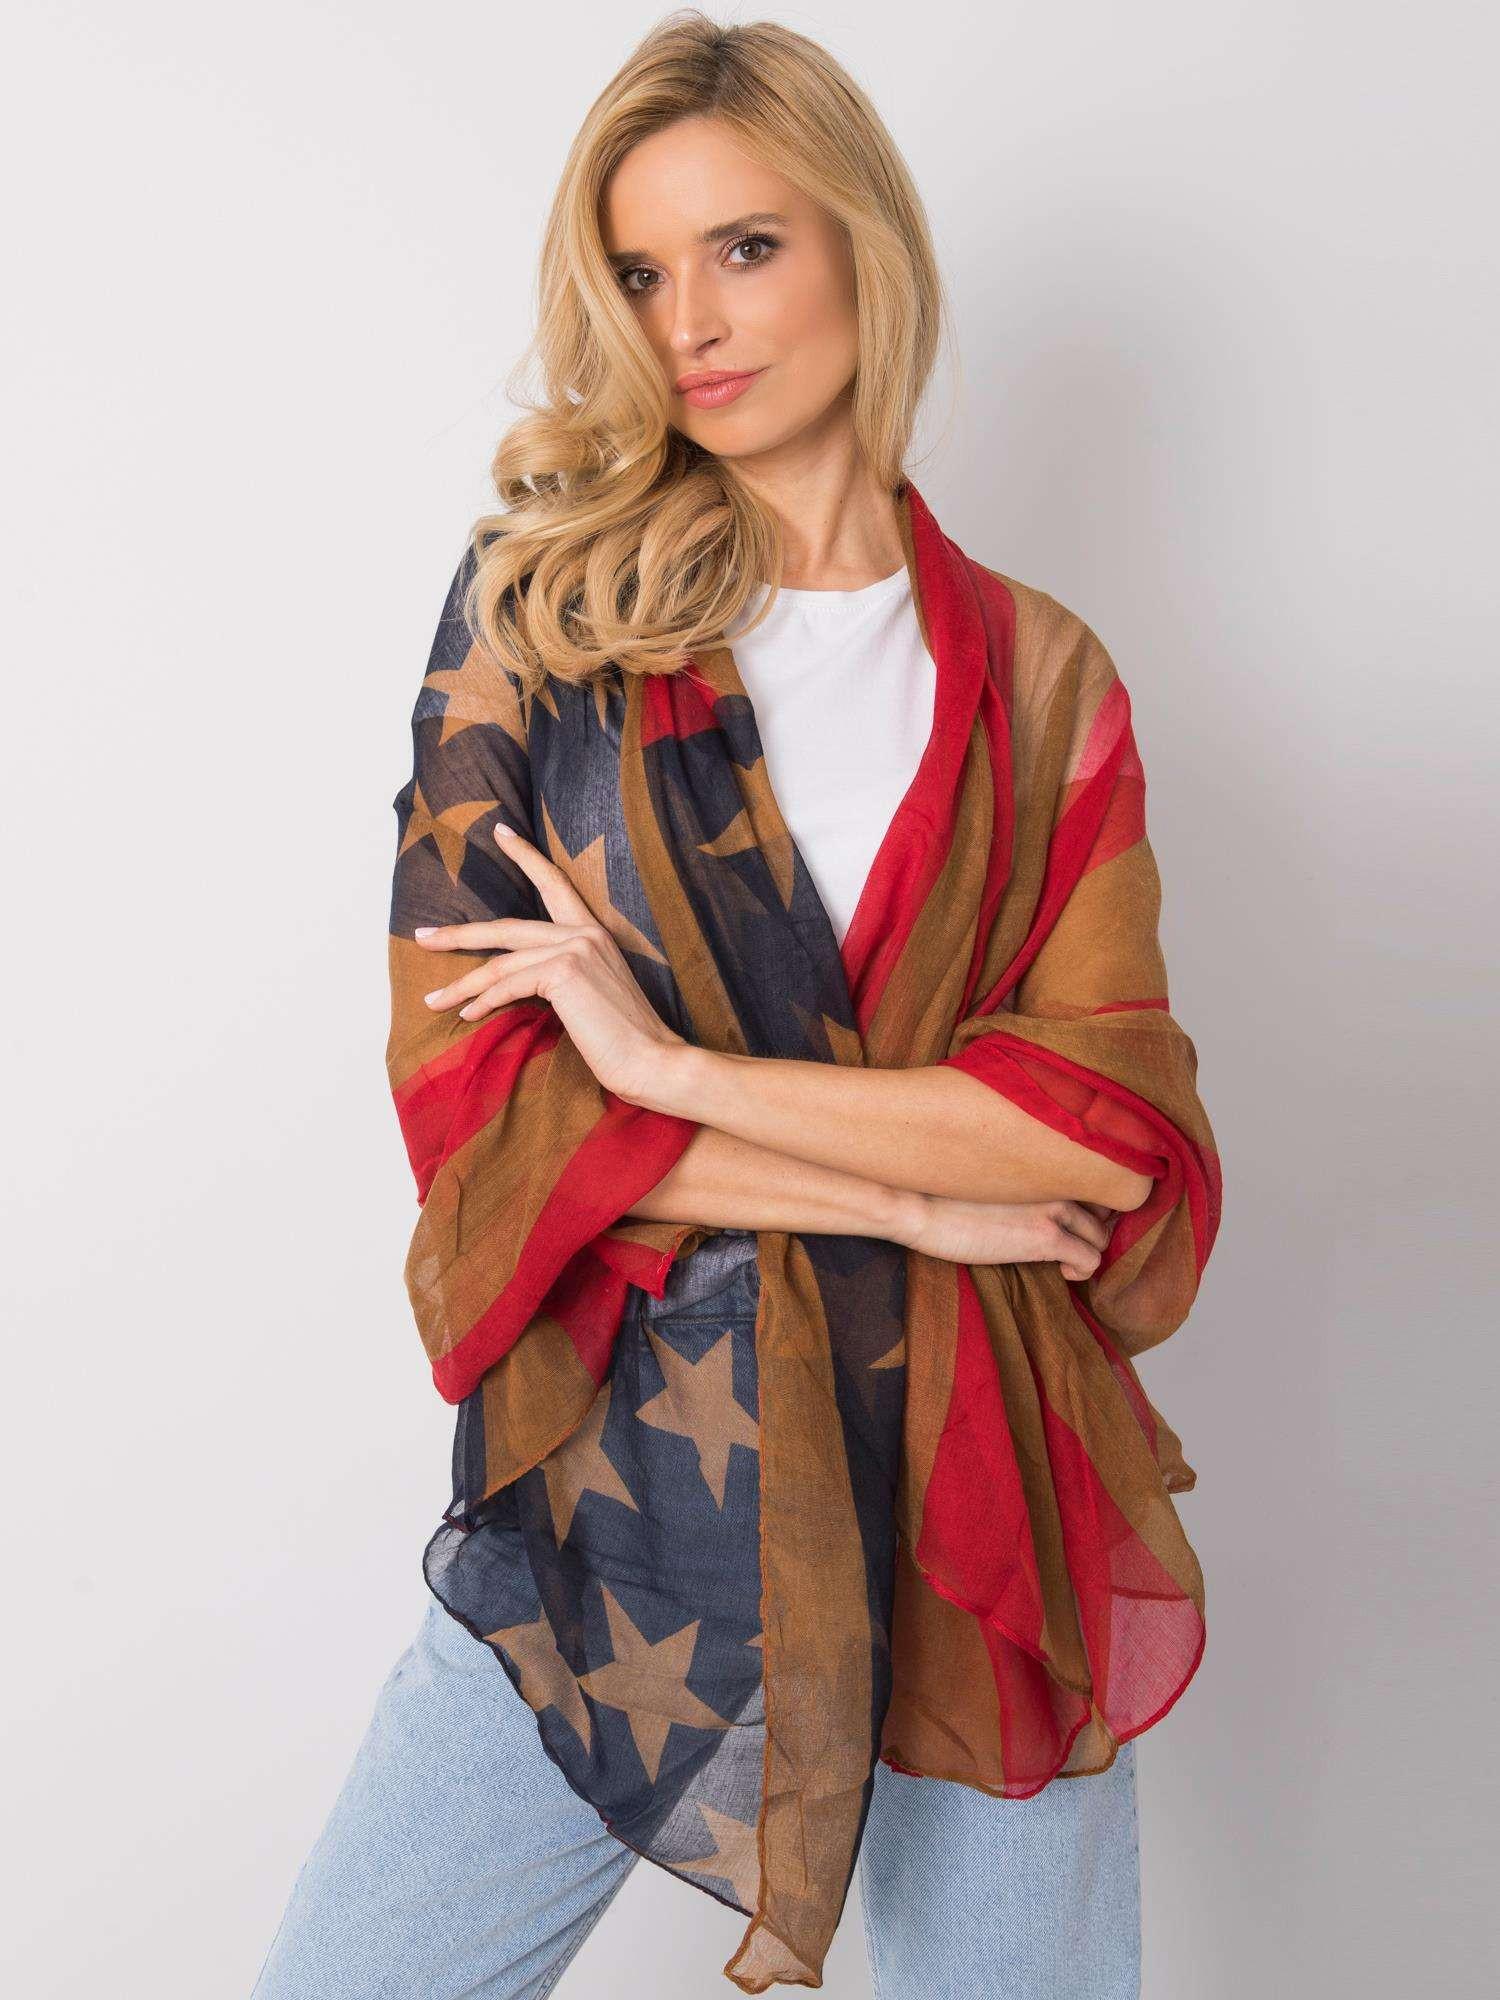 Červený a hnědý dámský šátek jedna velikost